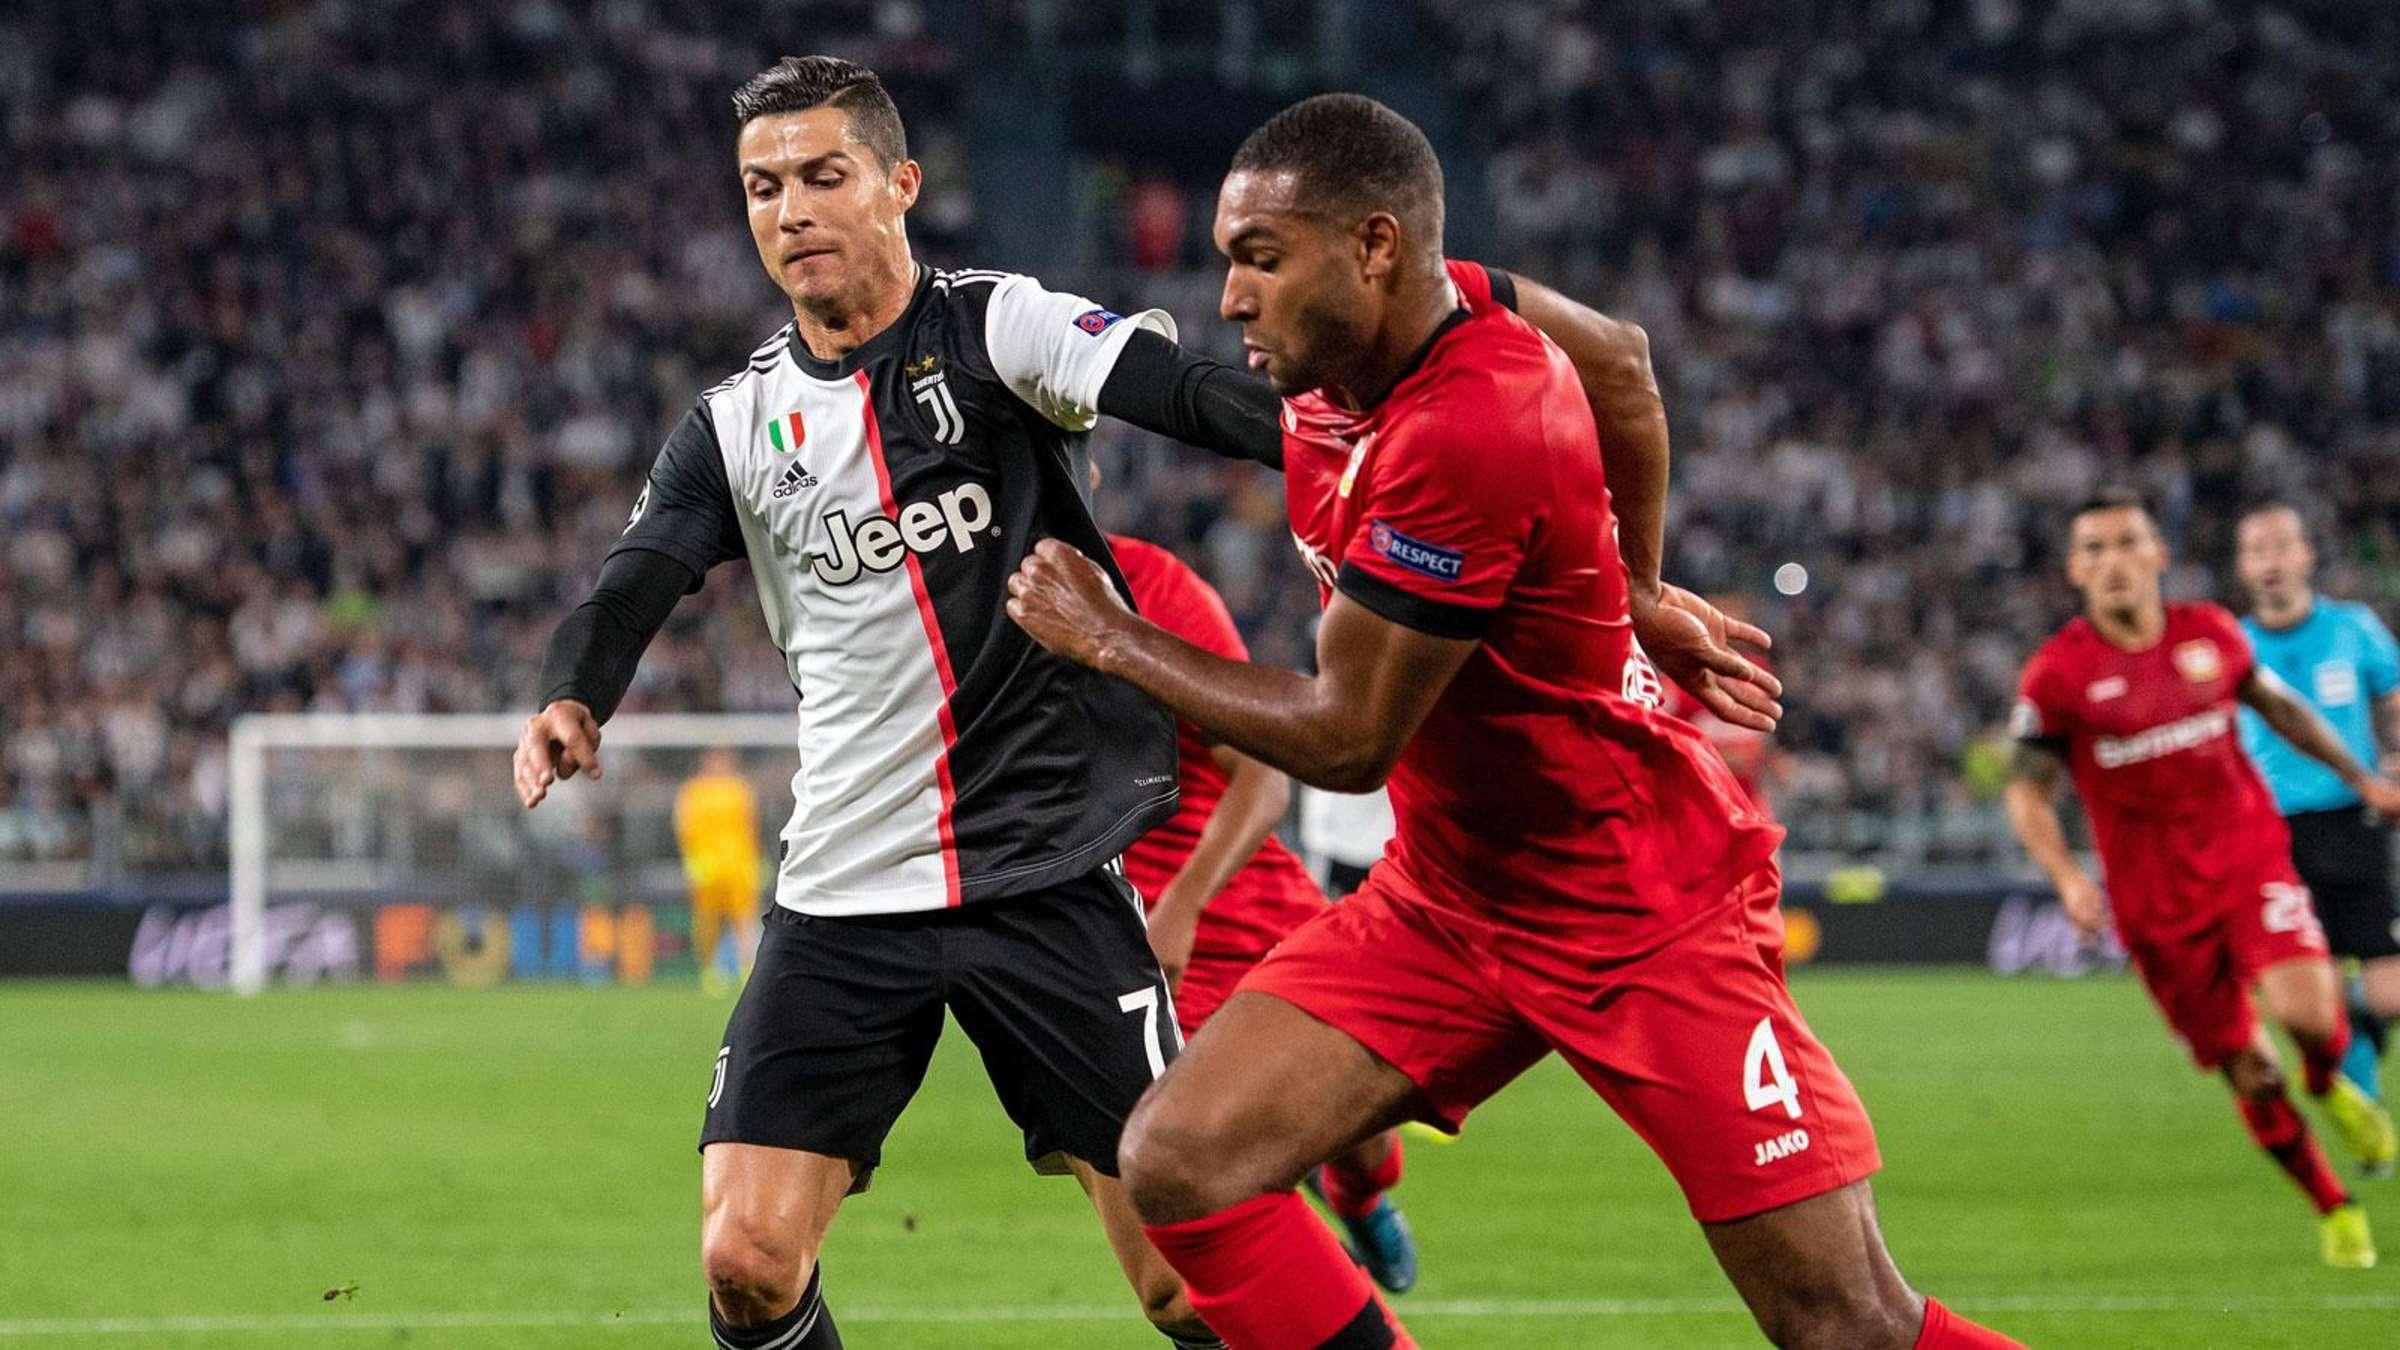 Bayer 04 Leverkusen Juventus Turin So Endete Das Finale In Der Champions League Gruppenphase Fußball